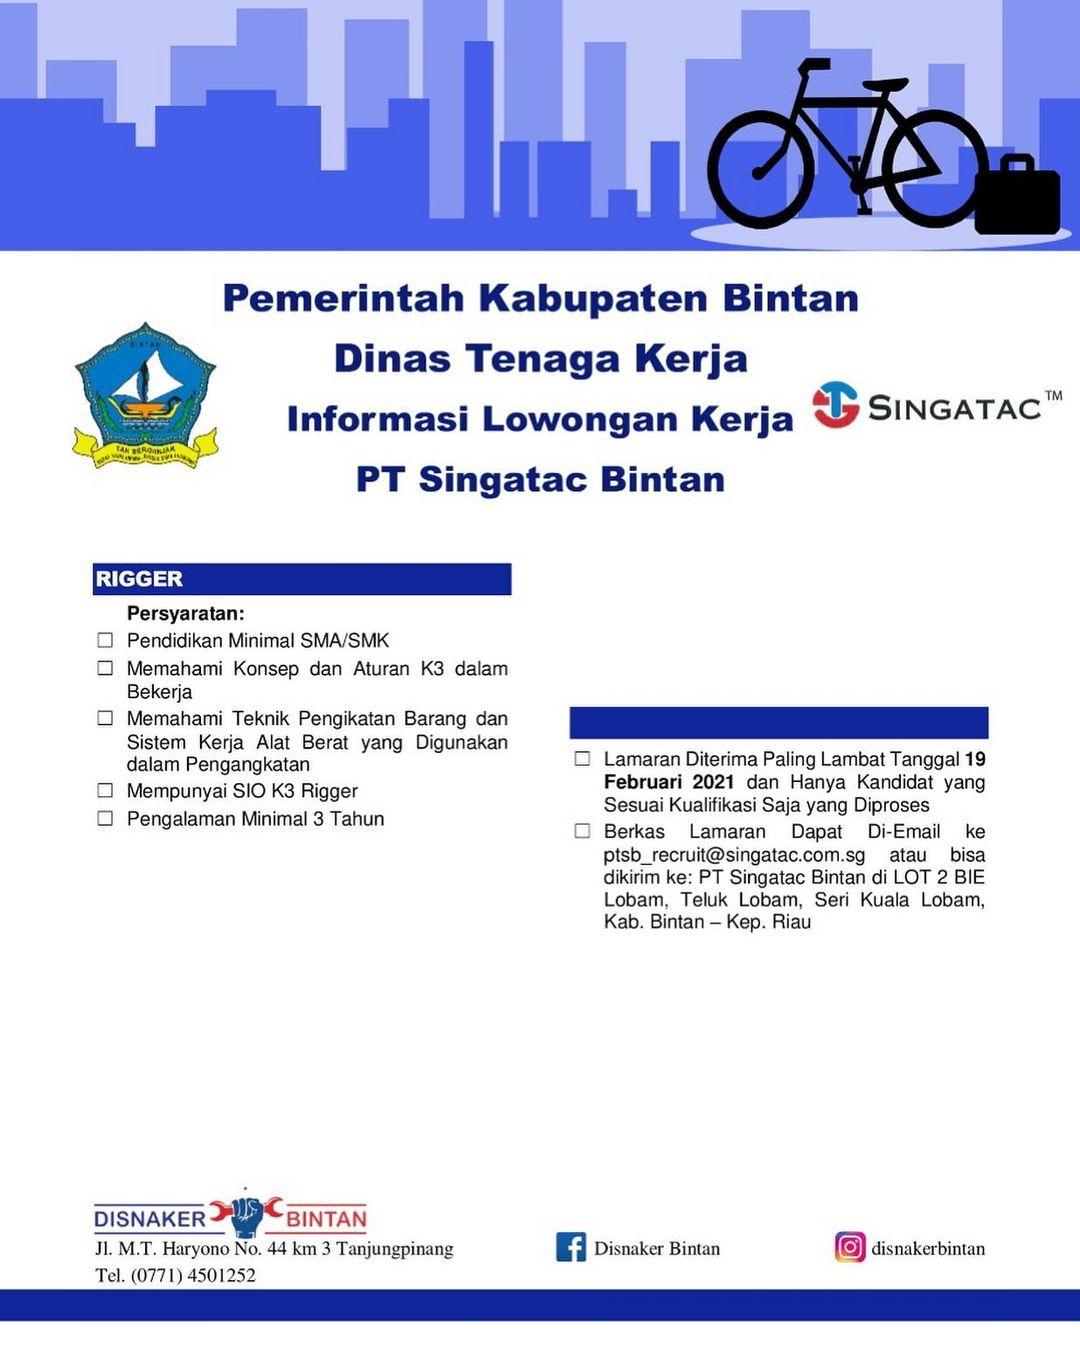 Loker Pt Aqua G Lowongan Kerja Danone Indonesia Management Trainee Star Bulan April 2020 Rekrutmen Lowongan Kerja Bulan Maret 2021 Danielle Daily Blogs